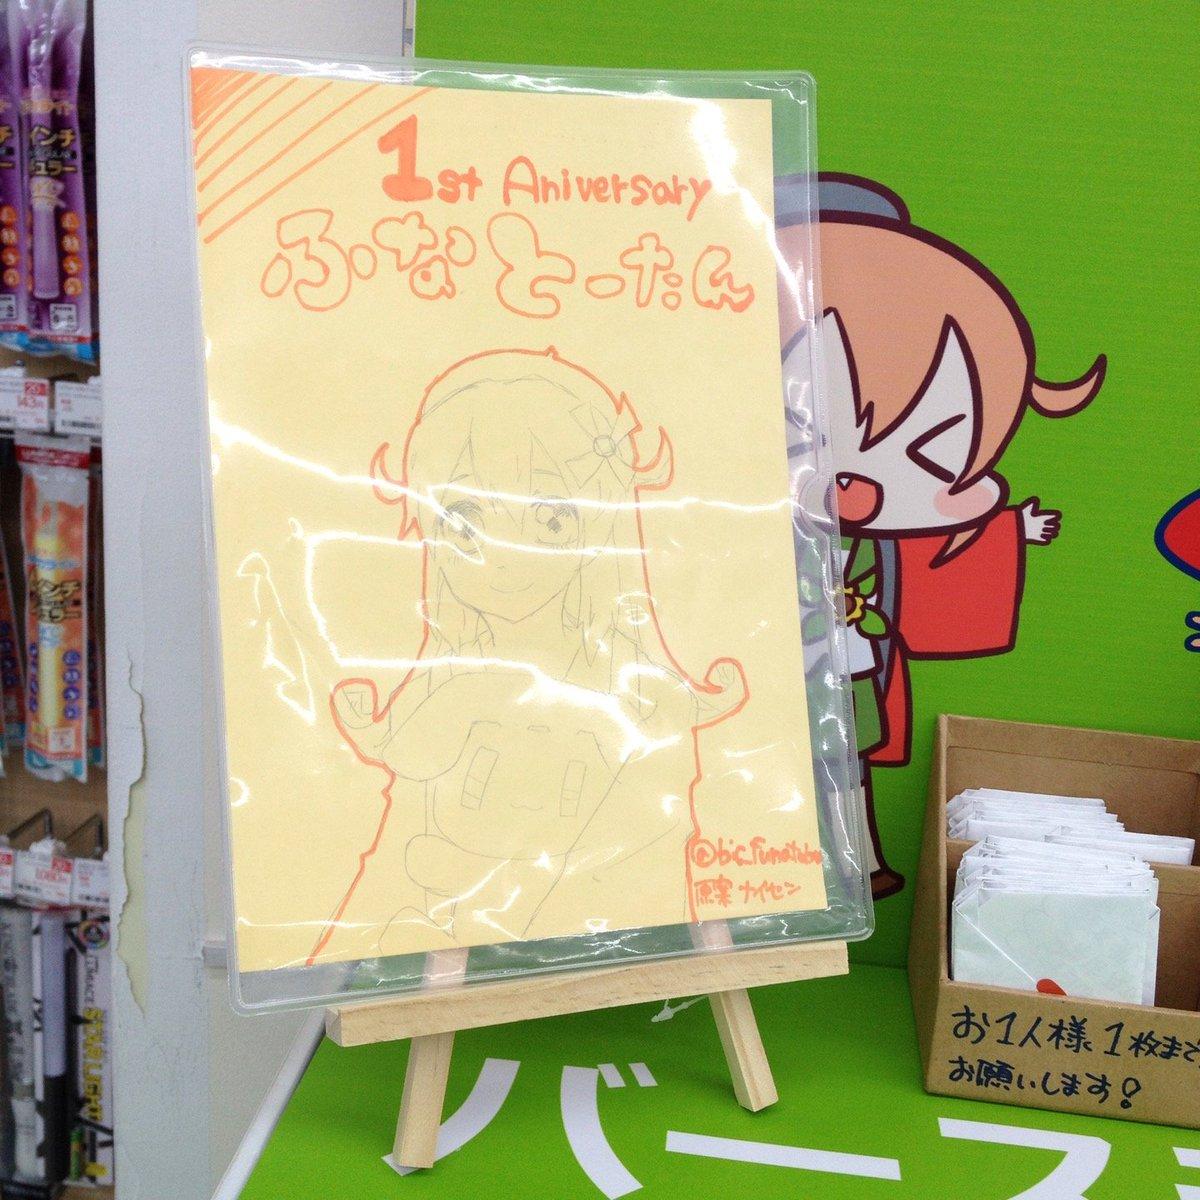 ビックカメラ 船橋東武店 ふなとーたん誕生日 メッセージボード(1st Aniversary)